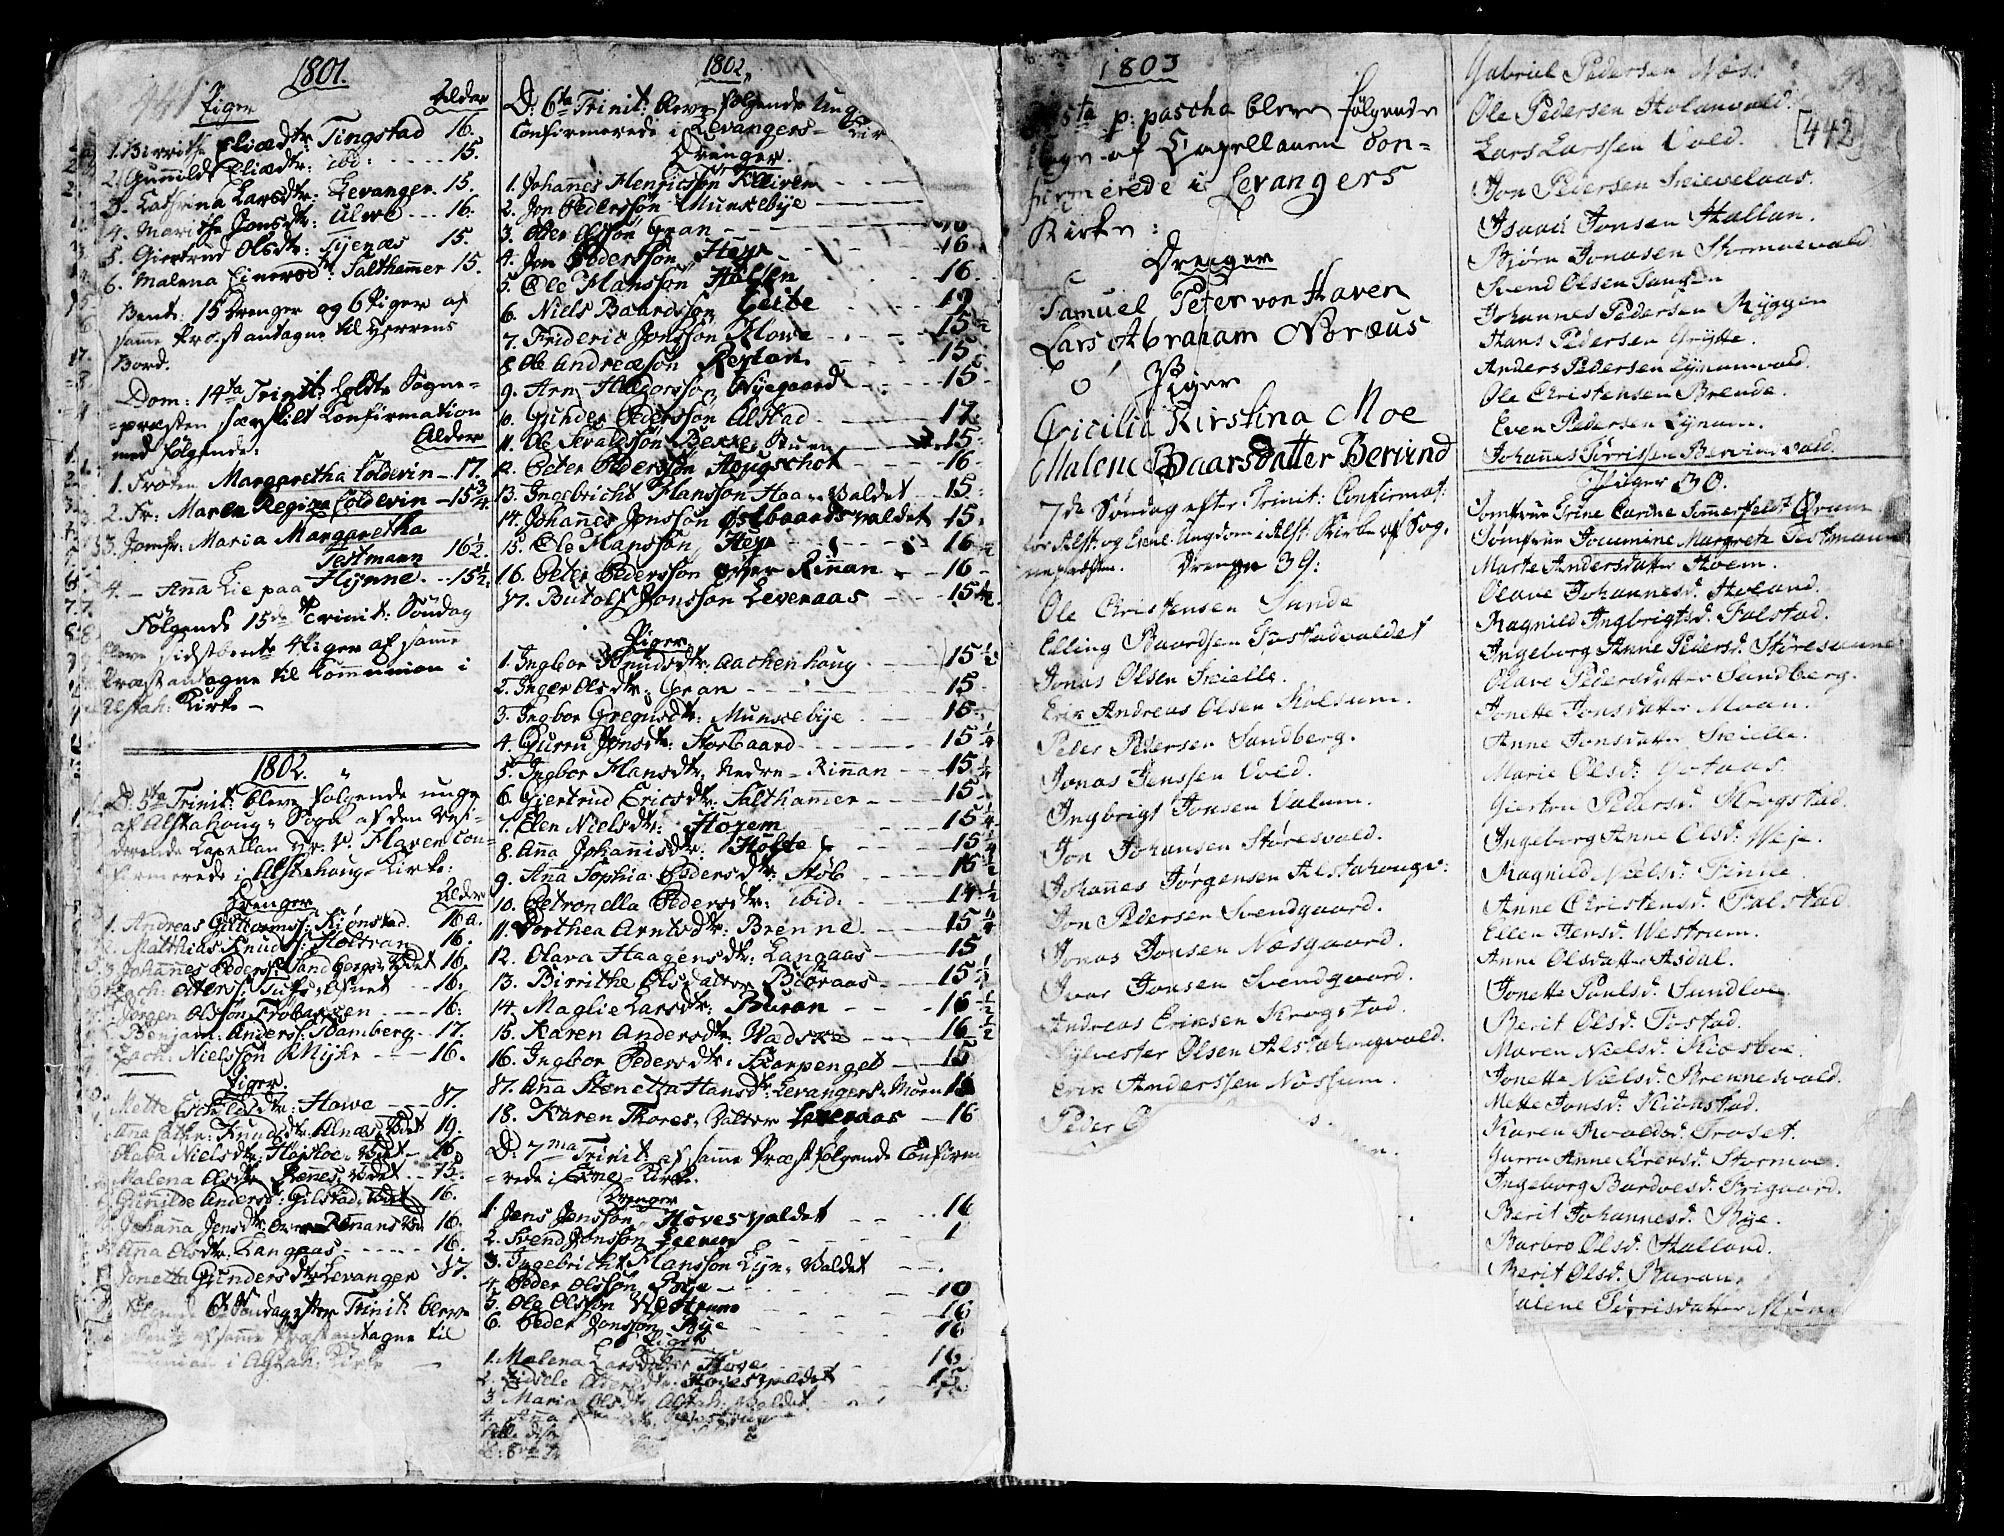 SAT, Ministerialprotokoller, klokkerbøker og fødselsregistre - Nord-Trøndelag, 717/L0141: Ministerialbok nr. 717A01, 1747-1803, s. 441-442